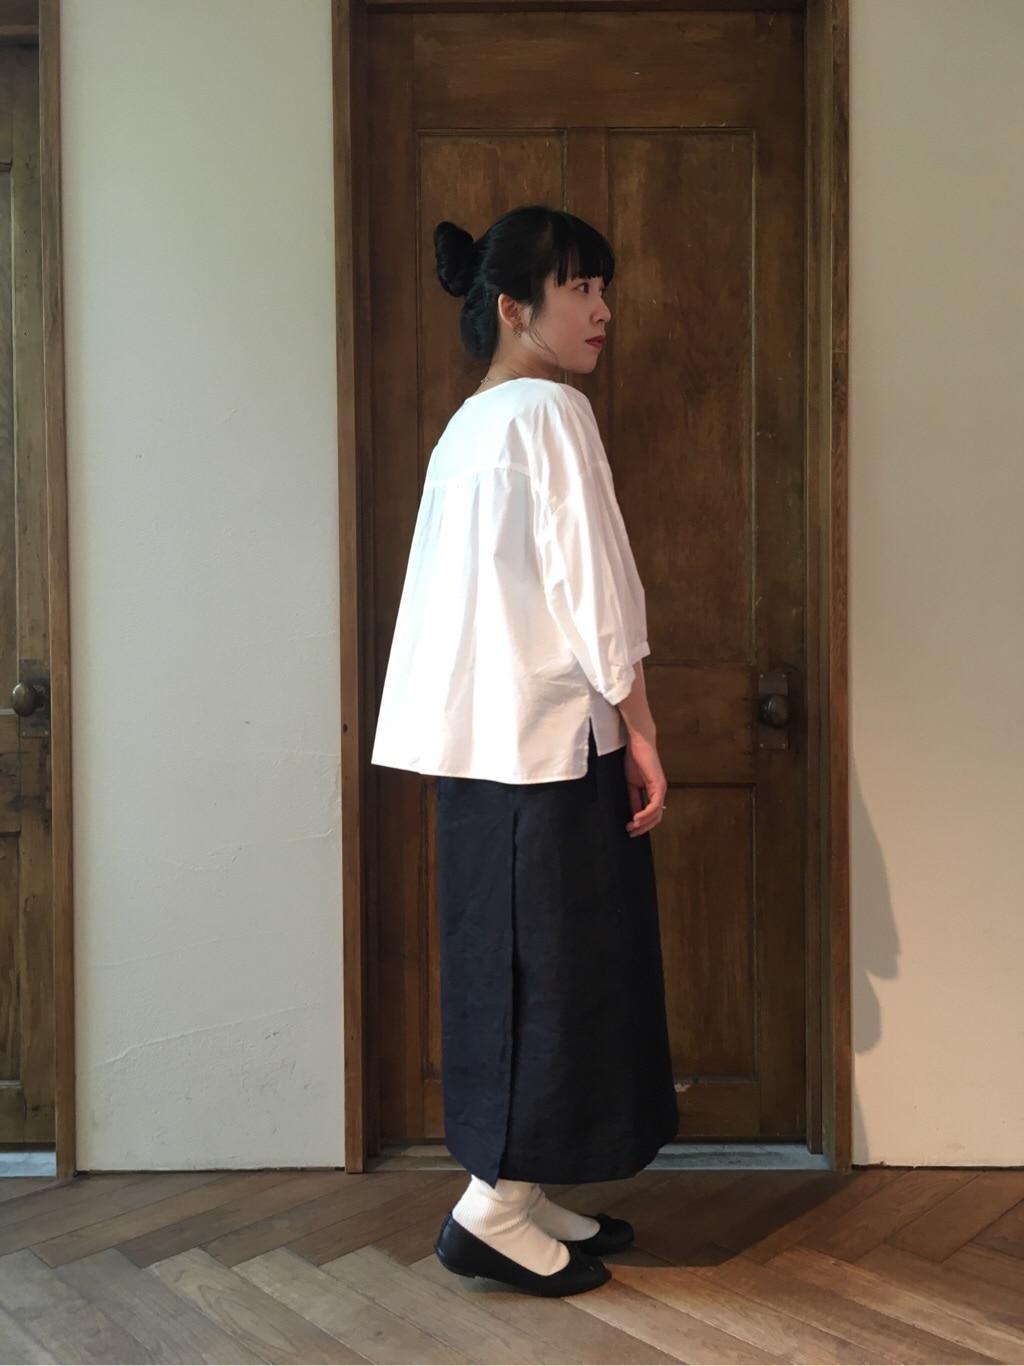 yuni 京都路面 身長:152cm 2020.05.22